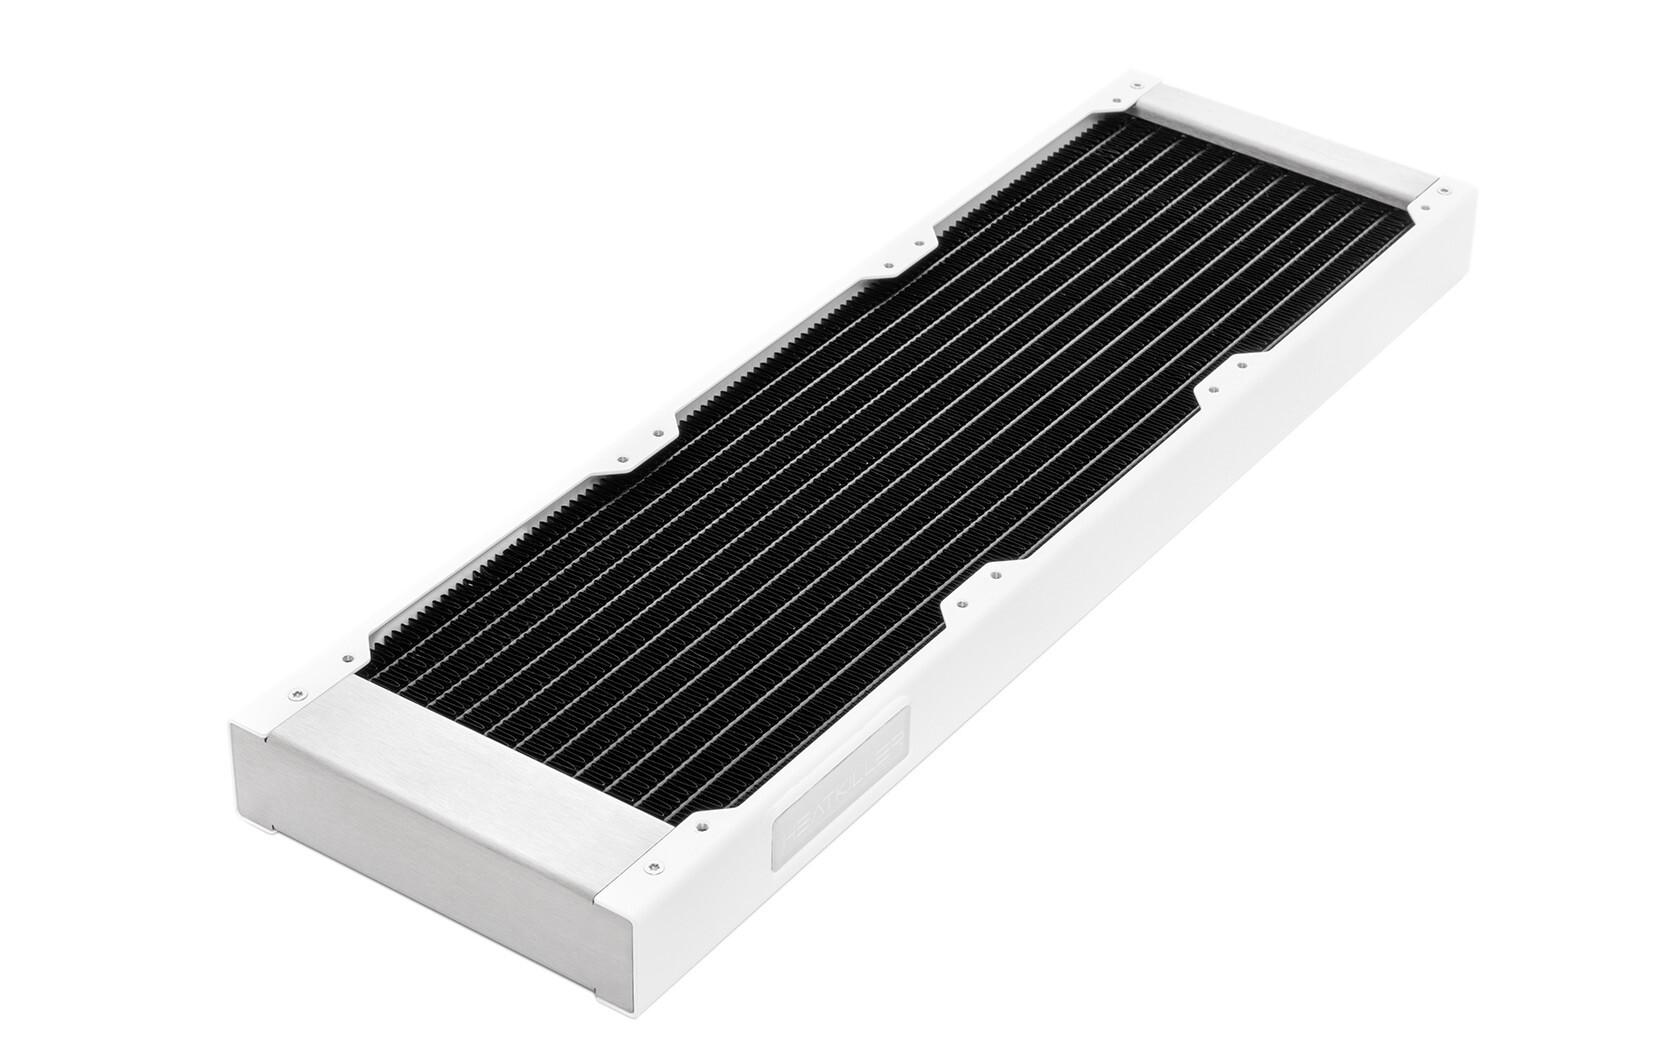 Watercool présente ces nouveaux radiateurs Heatkiller Rad 360 S Blanc